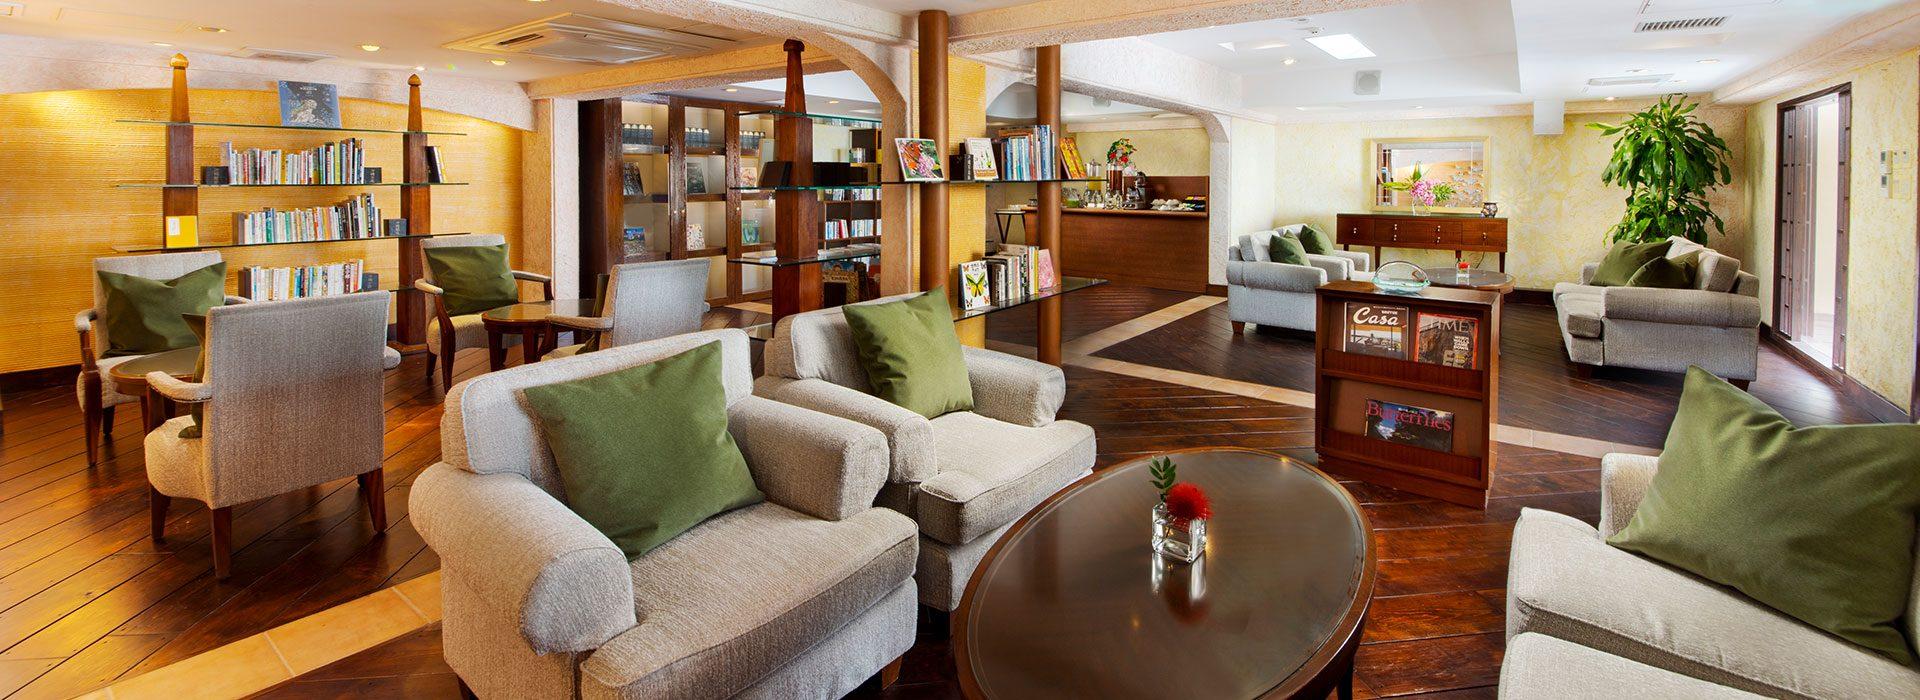 ココガーデンリゾートオキナワ 沖縄 コテージ ホテル 宿泊 旅行 家族